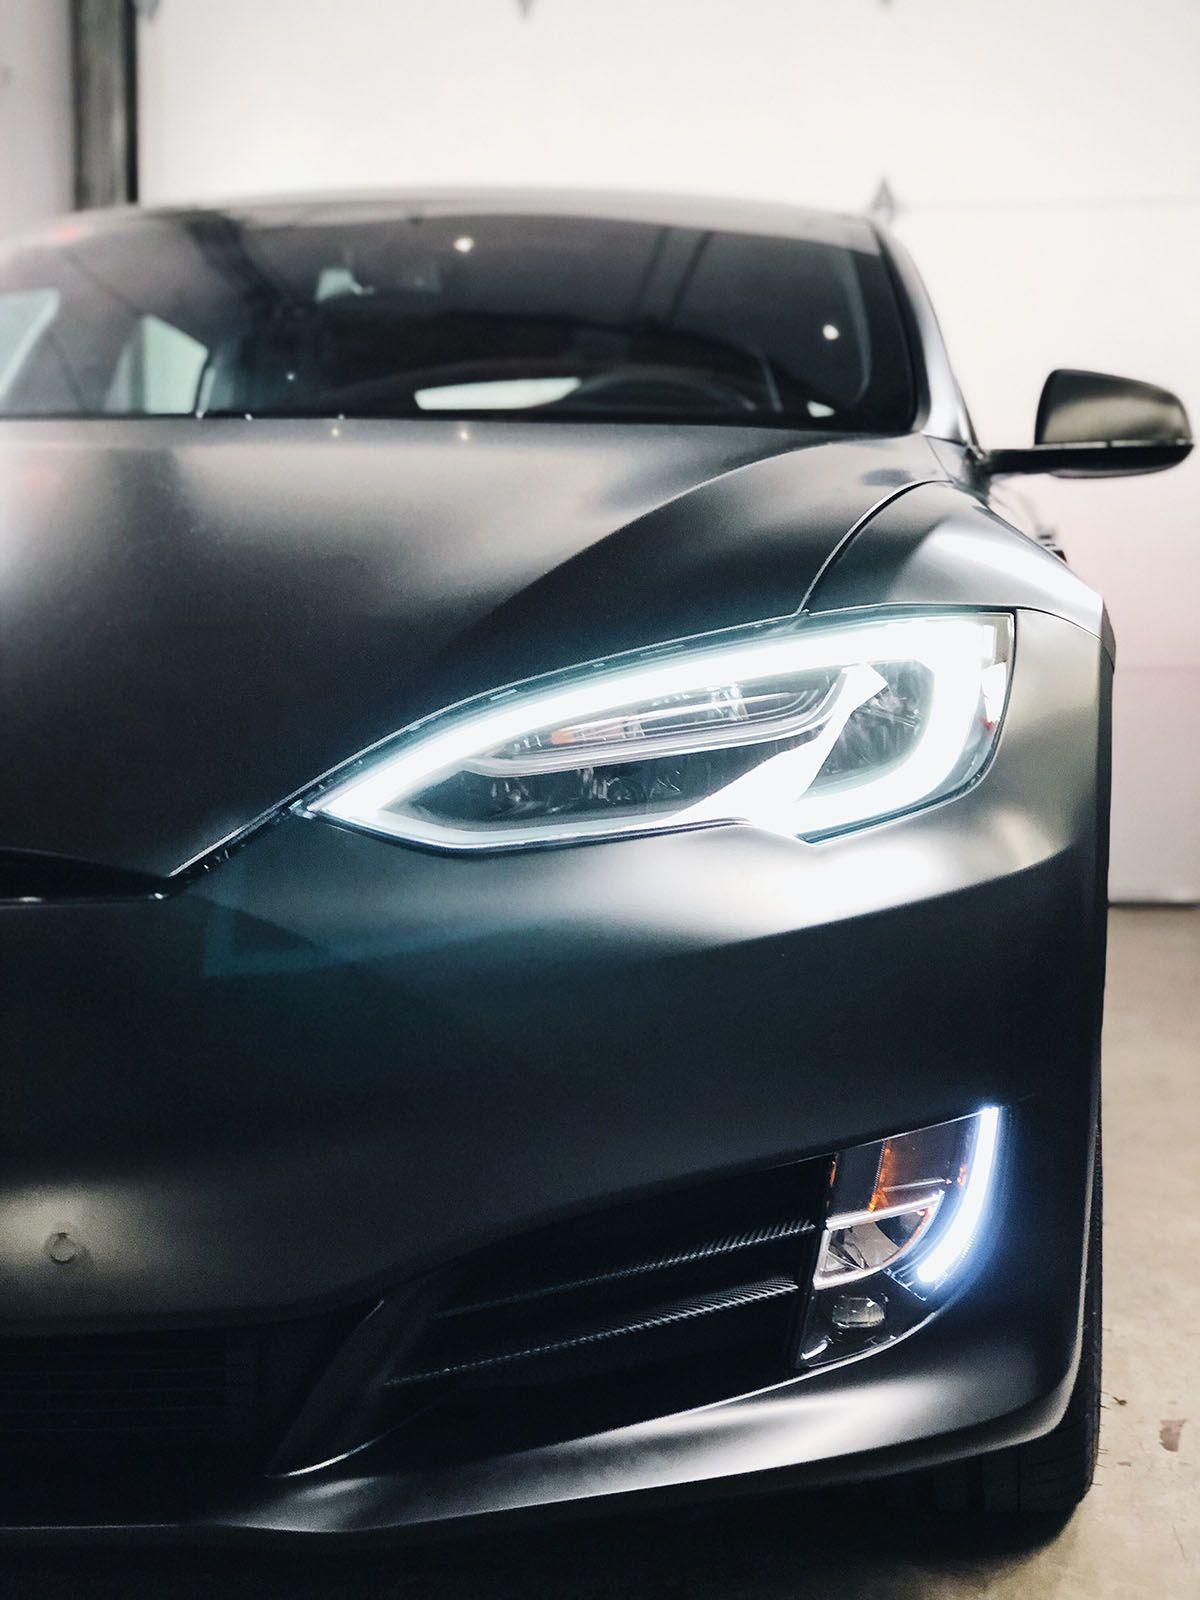 Car Wrap Vancouver Tesla Model S in 2020 Tesla model s